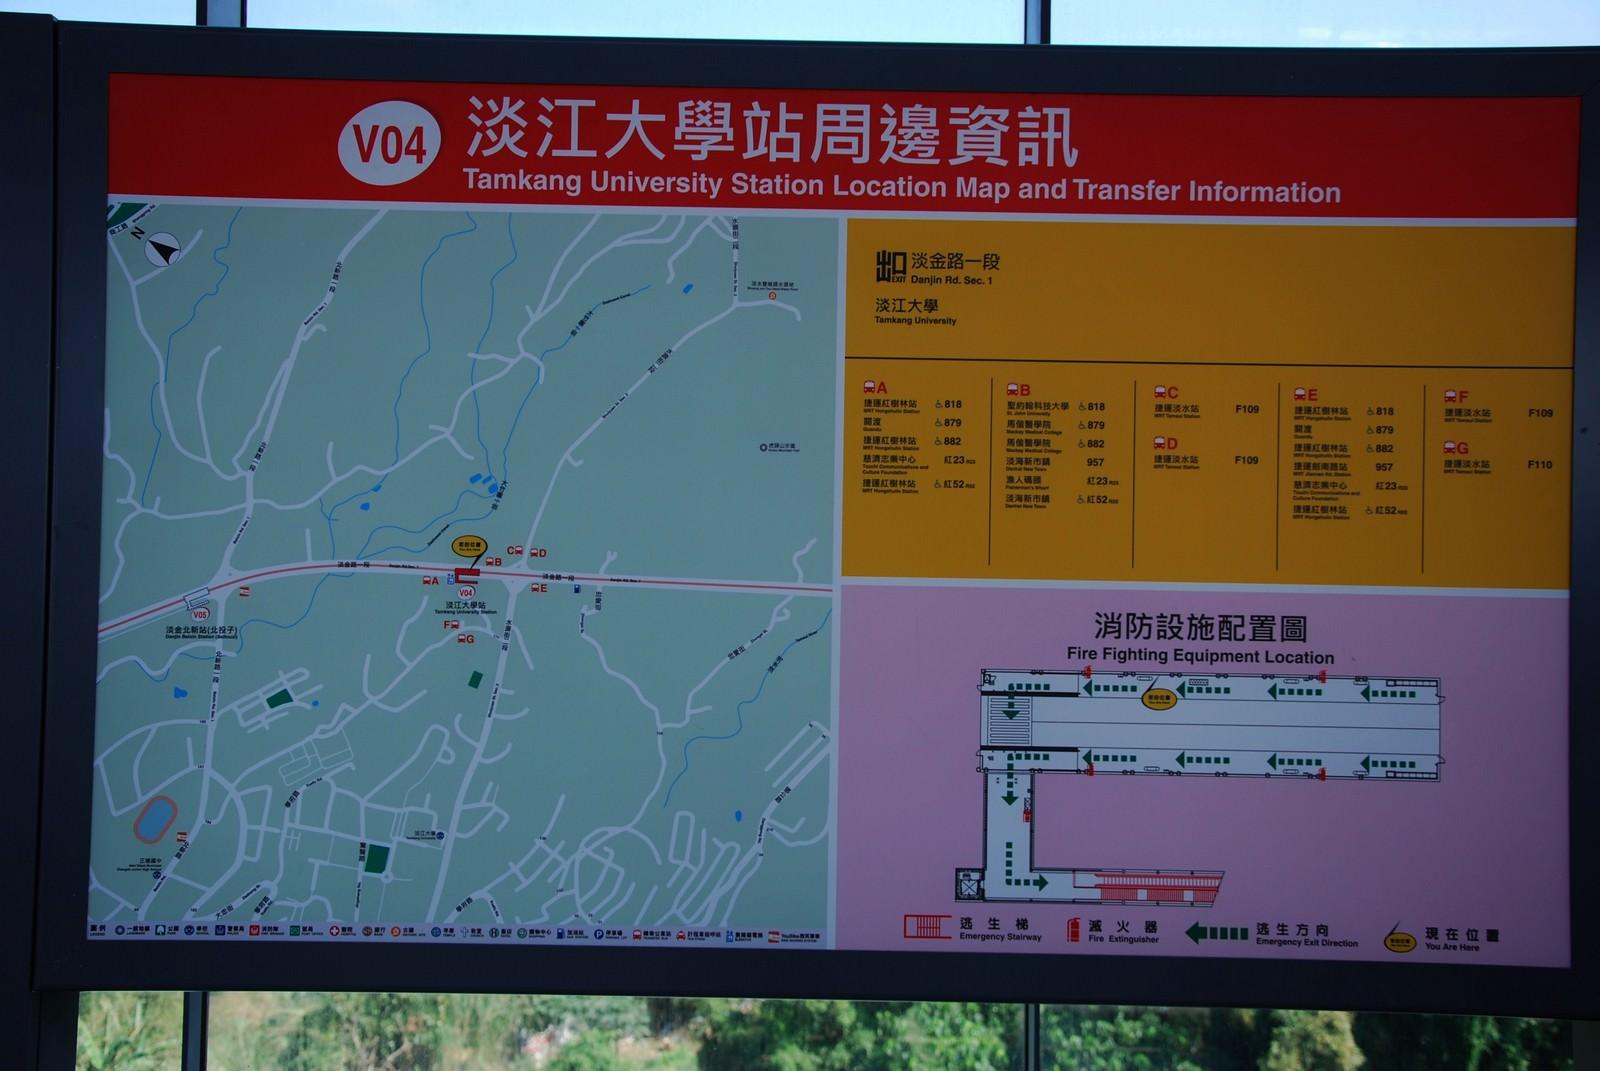 淡海輕軌綠山線, 輕軌淡江大學站, 周邊資訊